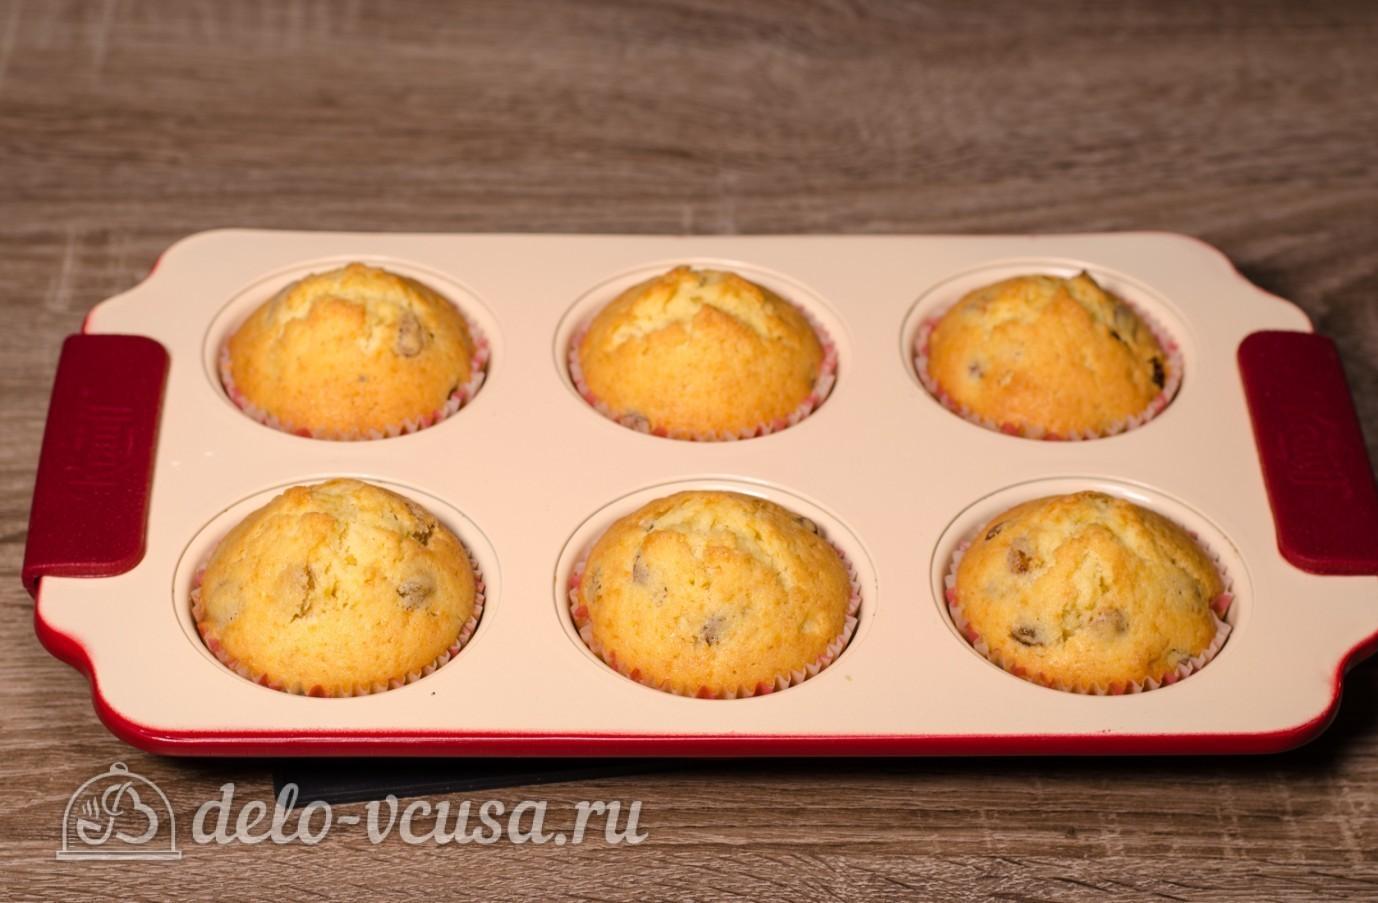 Кексы с изюмом рецепты простые в формочках пошаговый рецепт